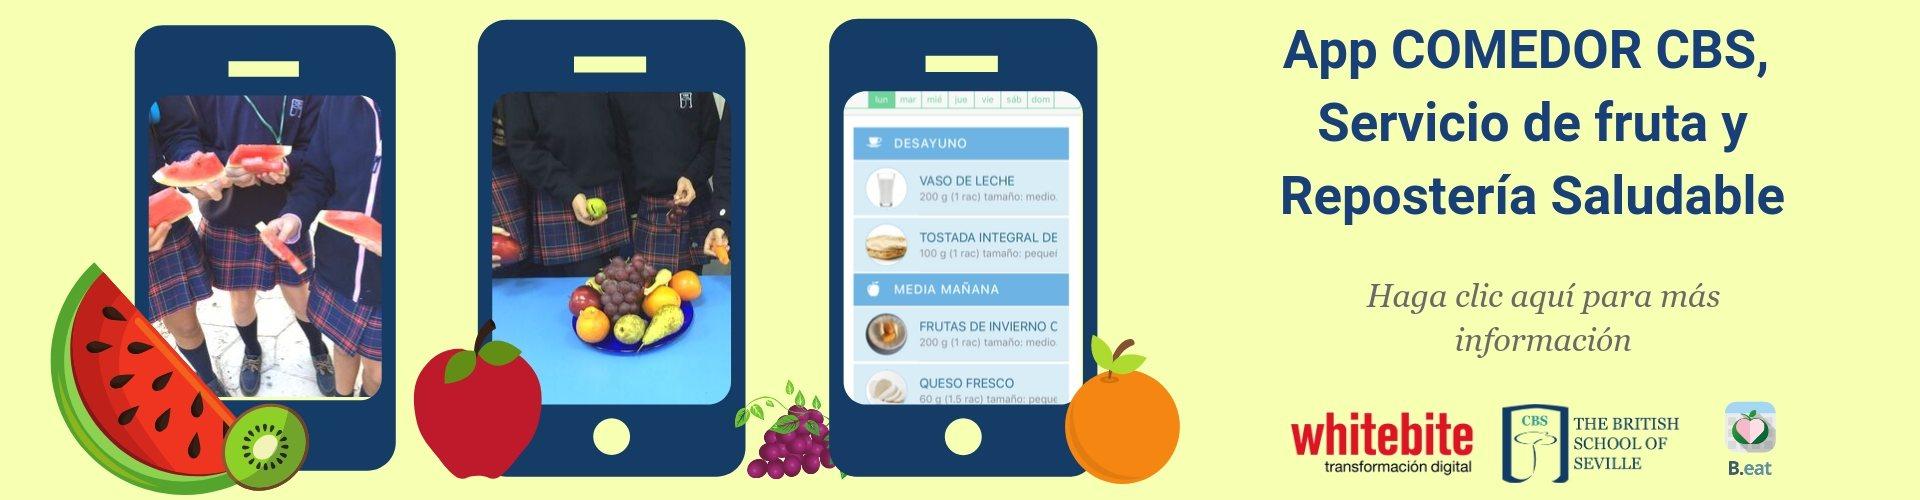 Comedor-CBS-App